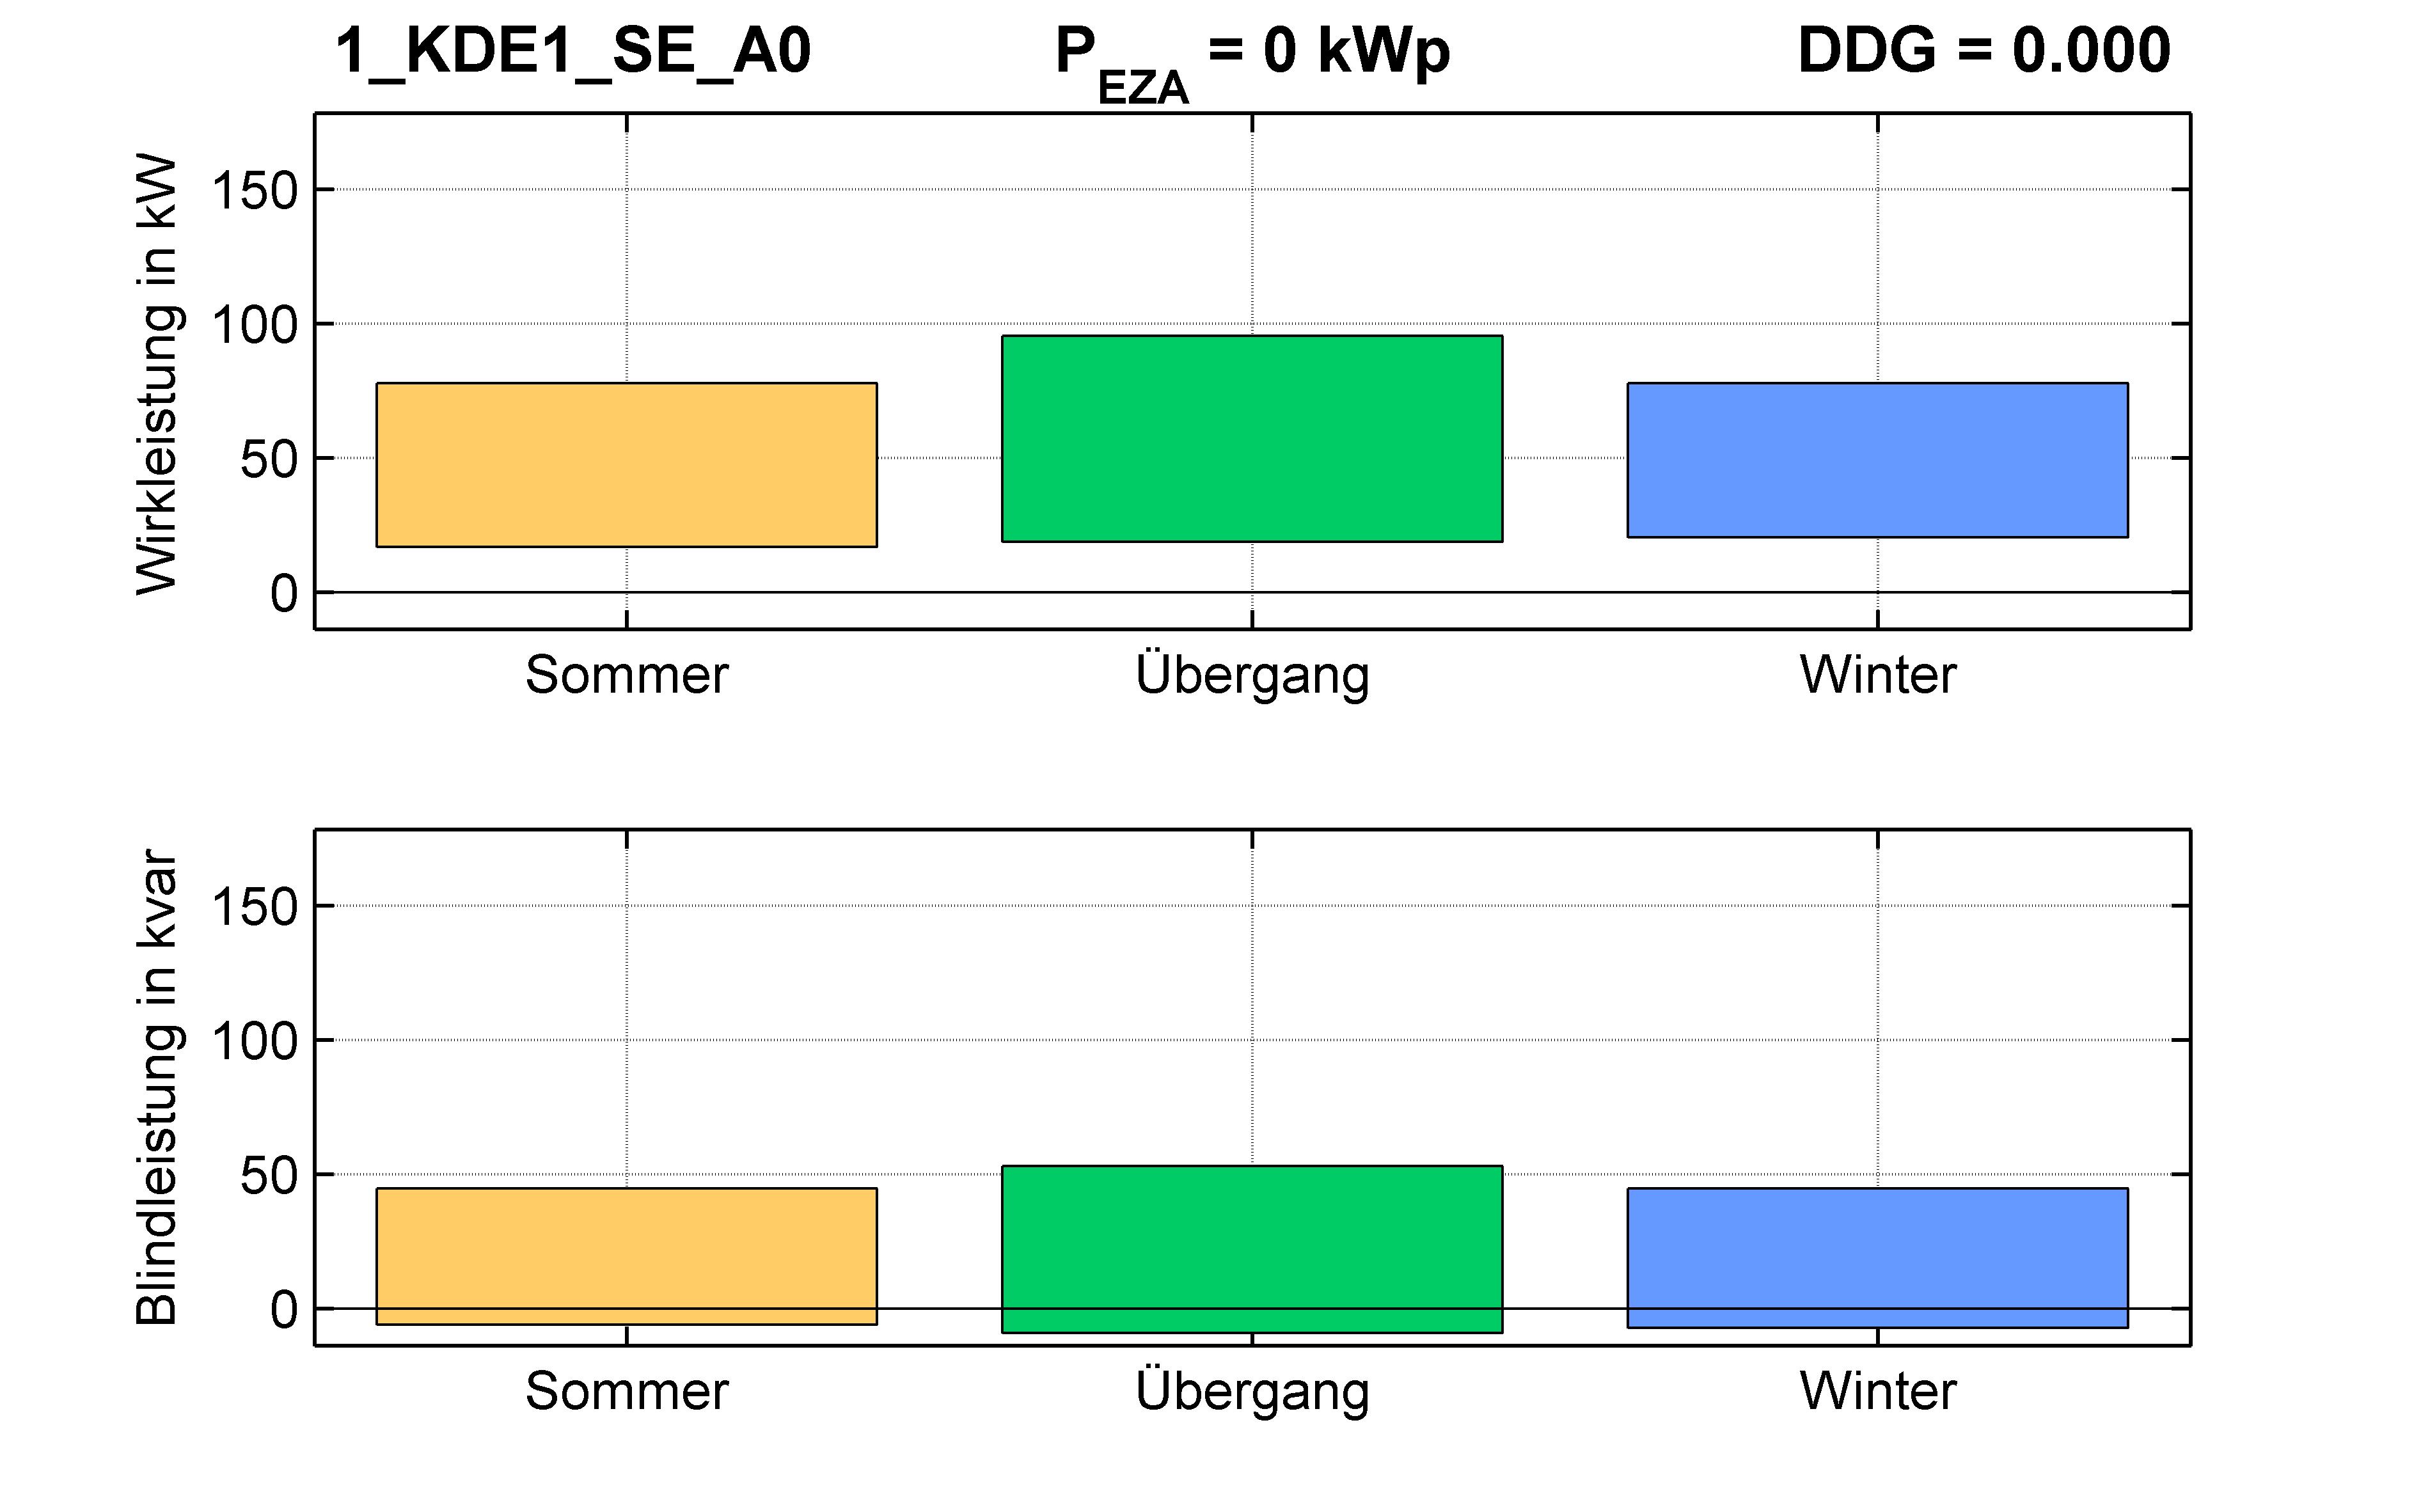 KDE1 | KABEL (SE) A0 | PQ-Bilanz